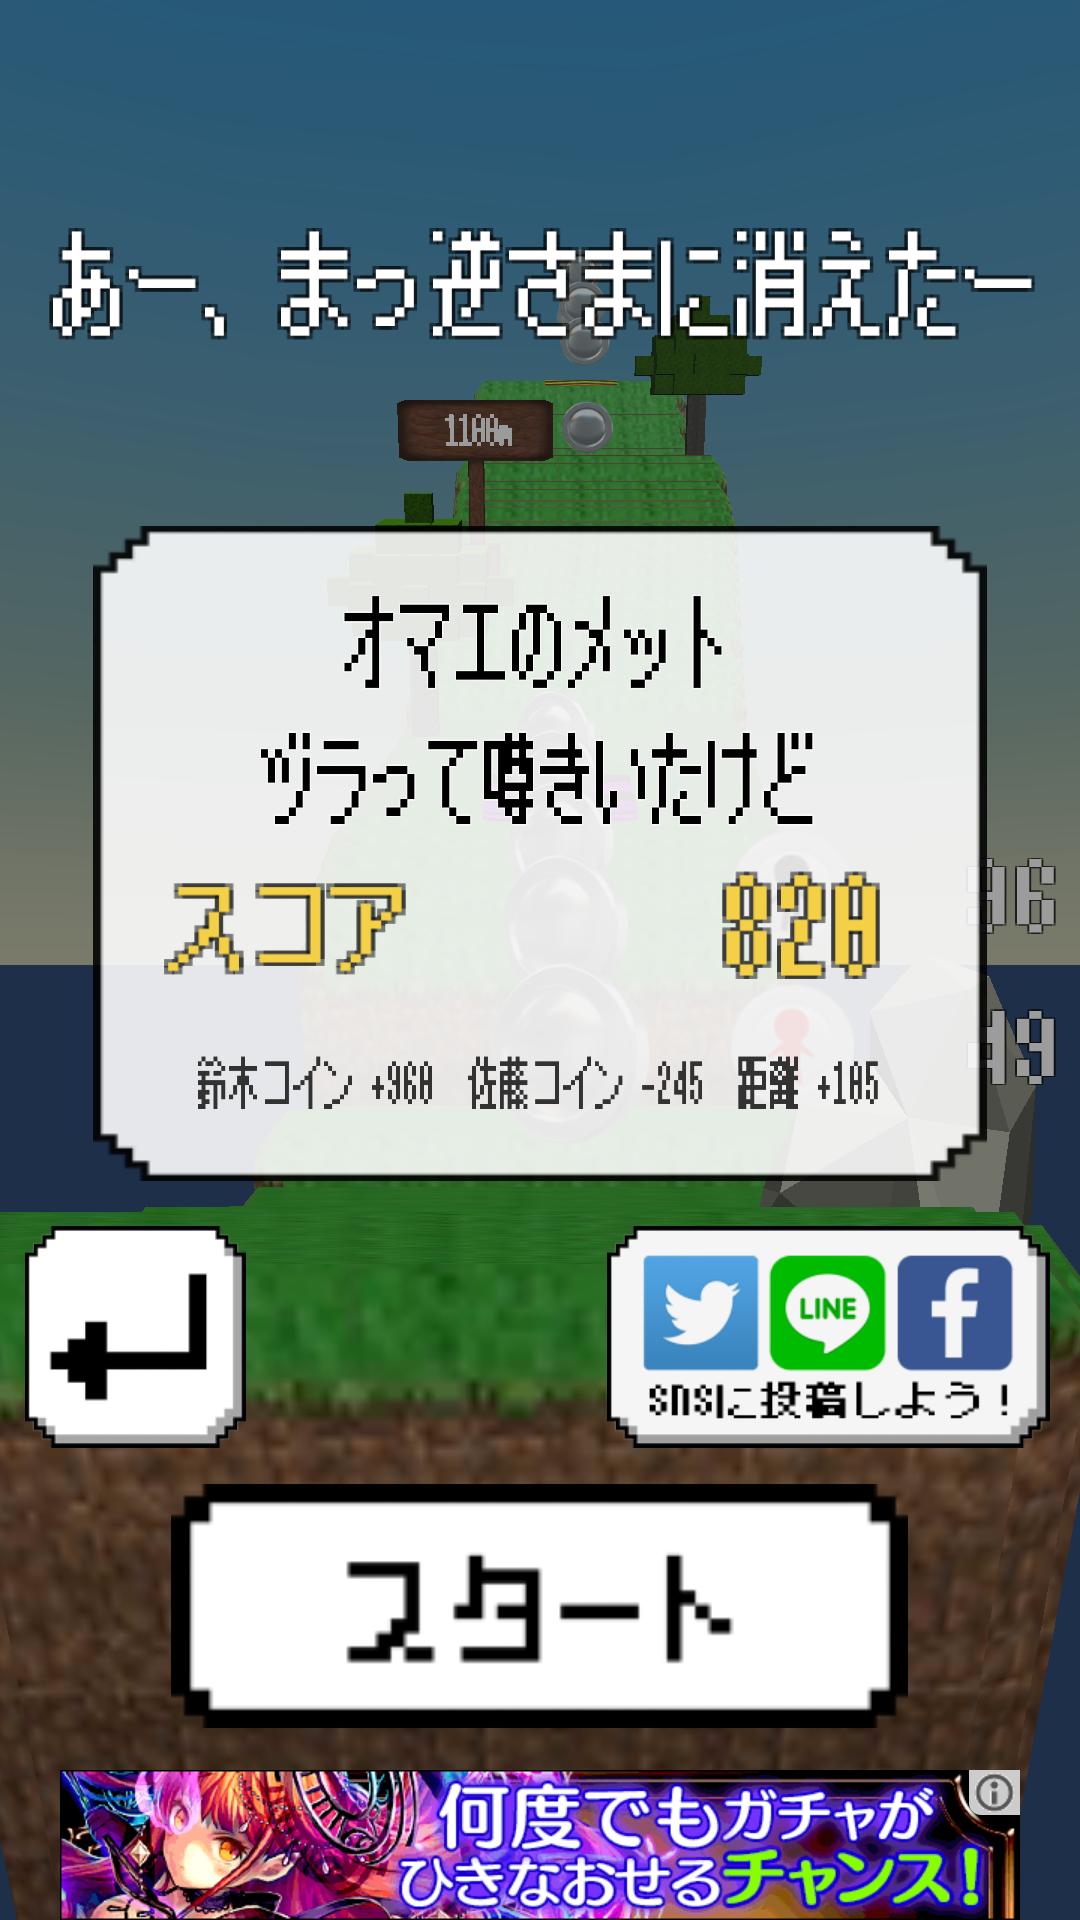 androidアプリ キューブに爆走! チャリ走 スズキ vs サトー攻略スクリーンショット5